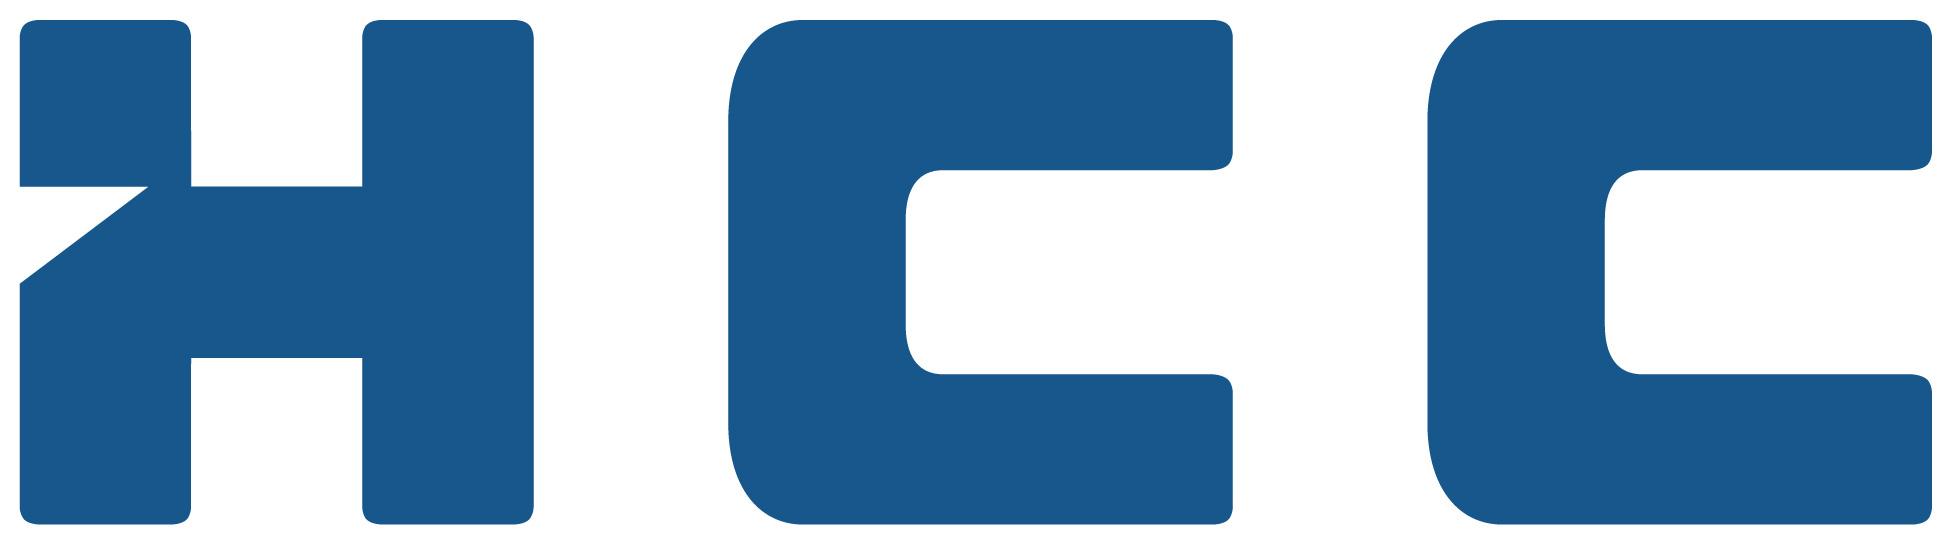 HCC, John Laig, Sadbhav consortium bags order worth Rs 1415 crore ...